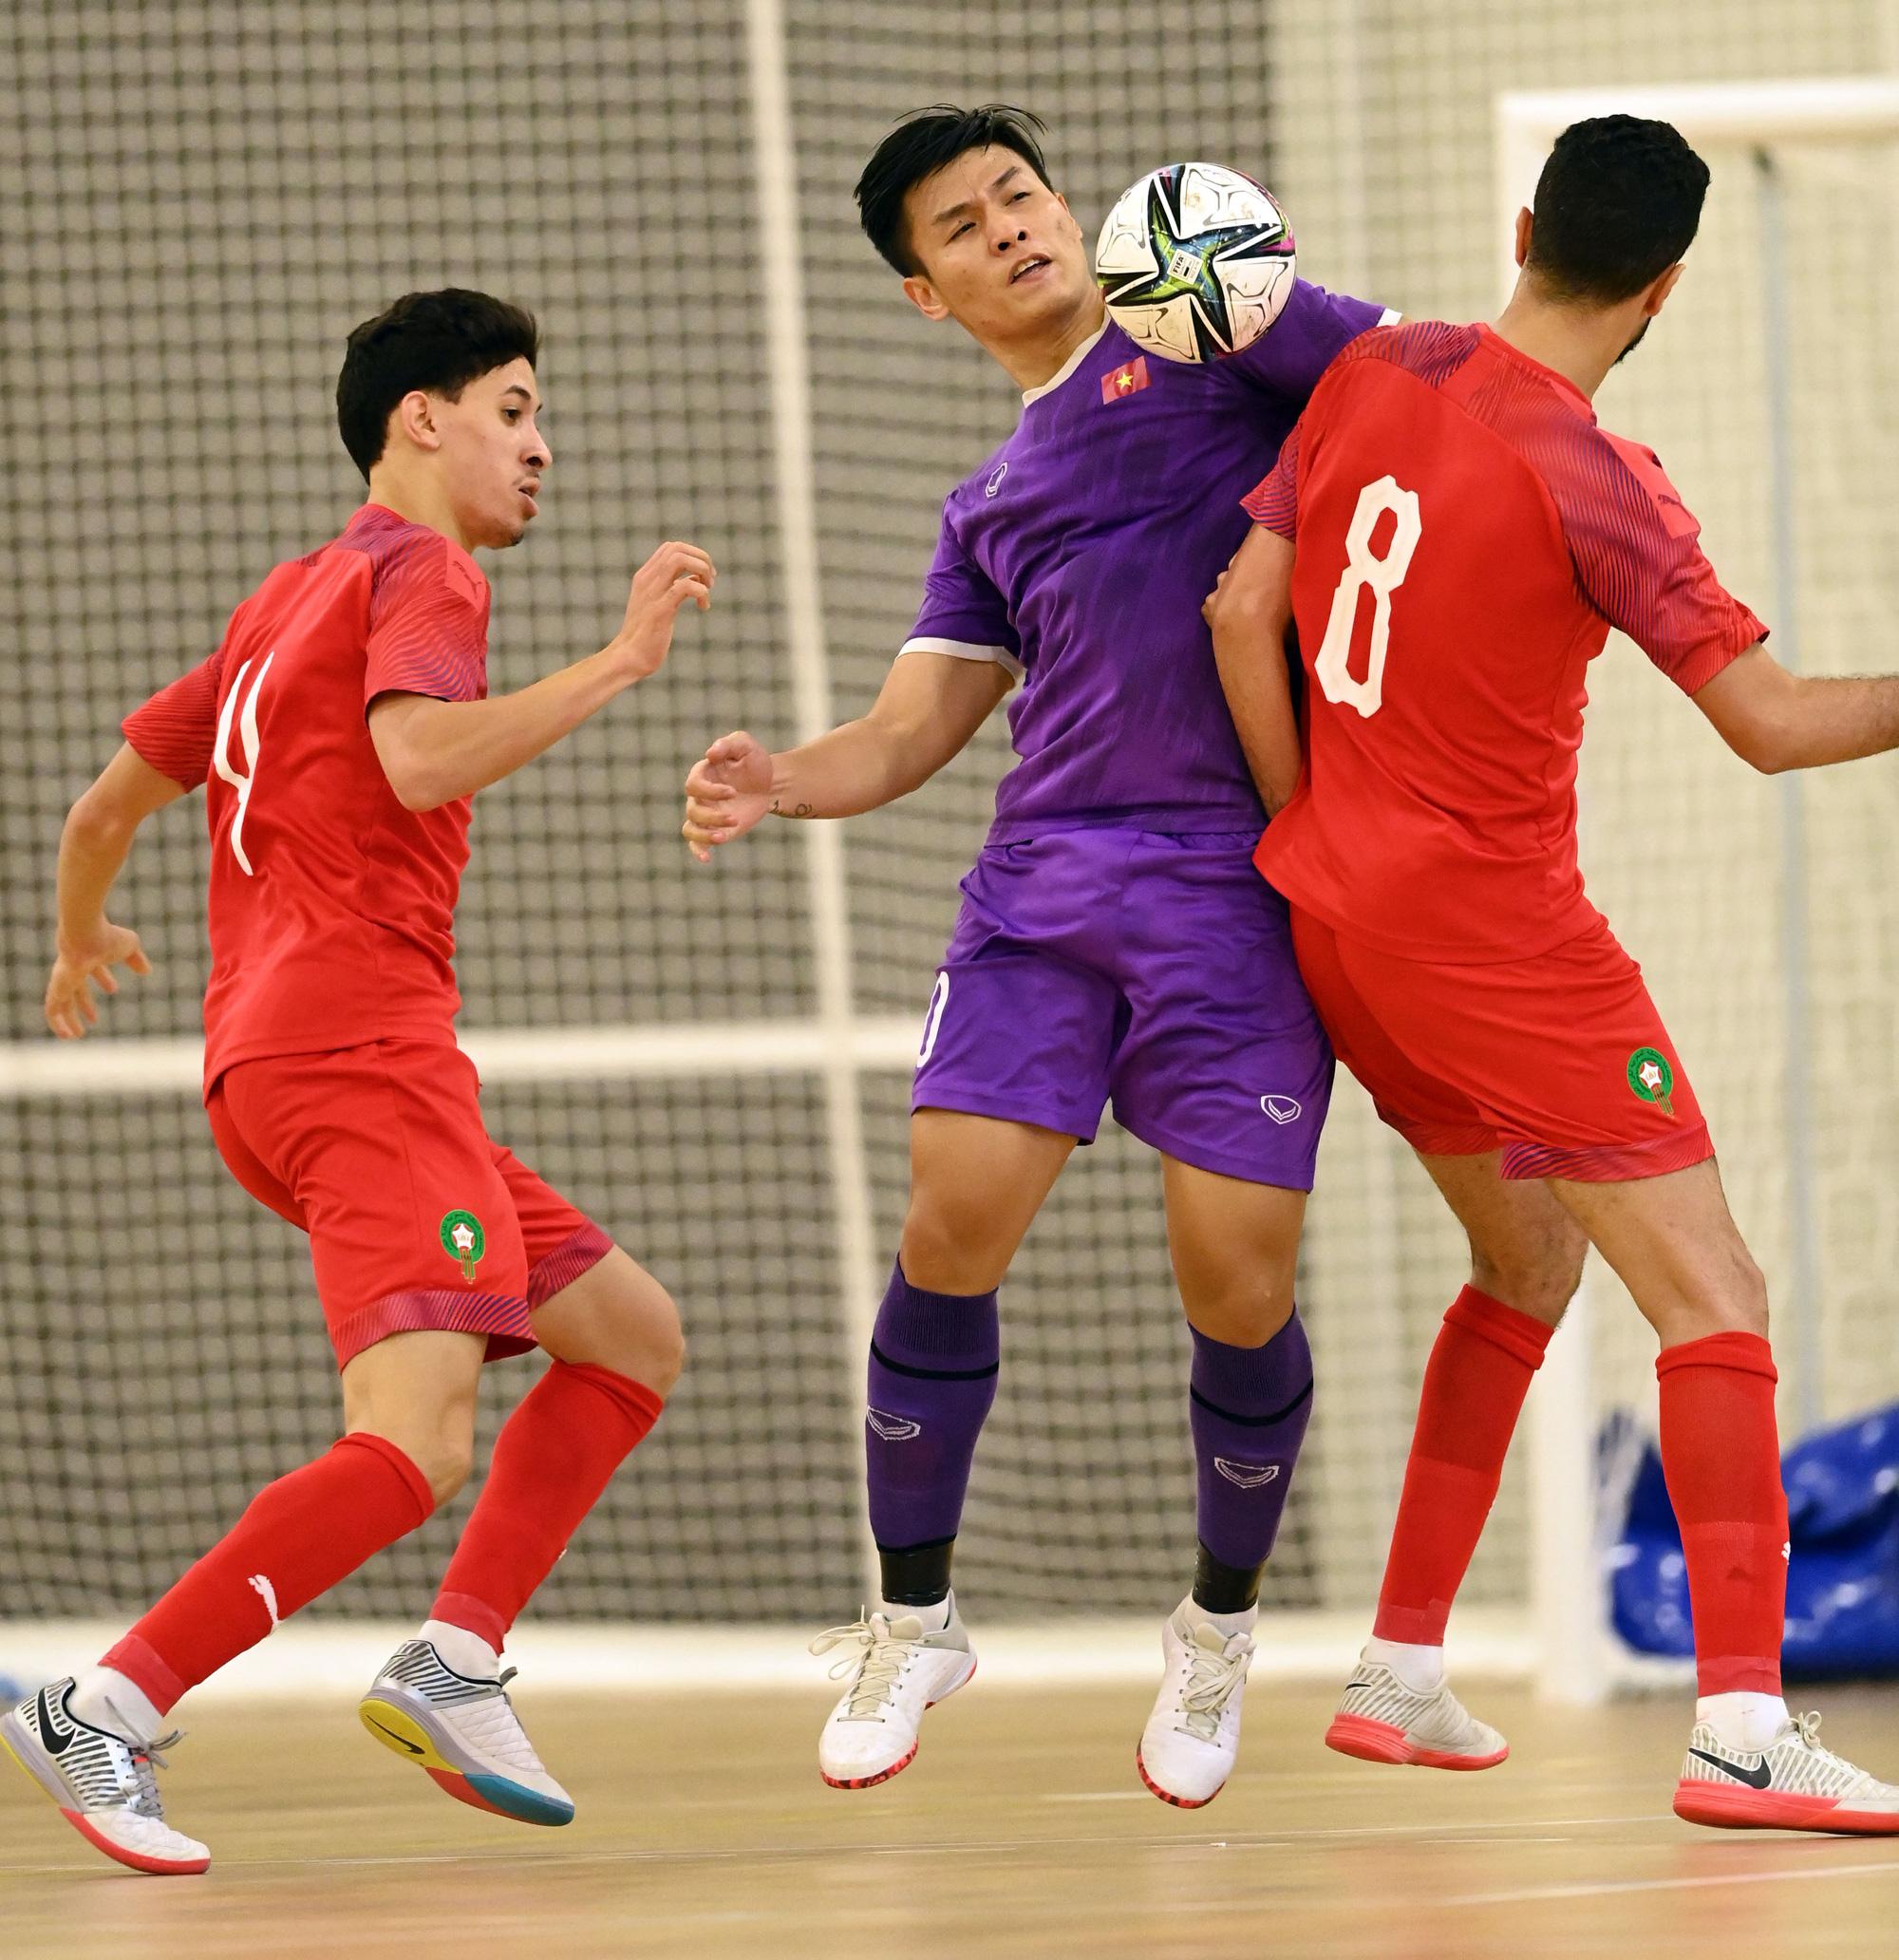 Vượt mặt Duy Mạnh, Đức Huy,... Vũ Đức Tùng góp mặt tại VCK World Cup 2021 - Ảnh 2.